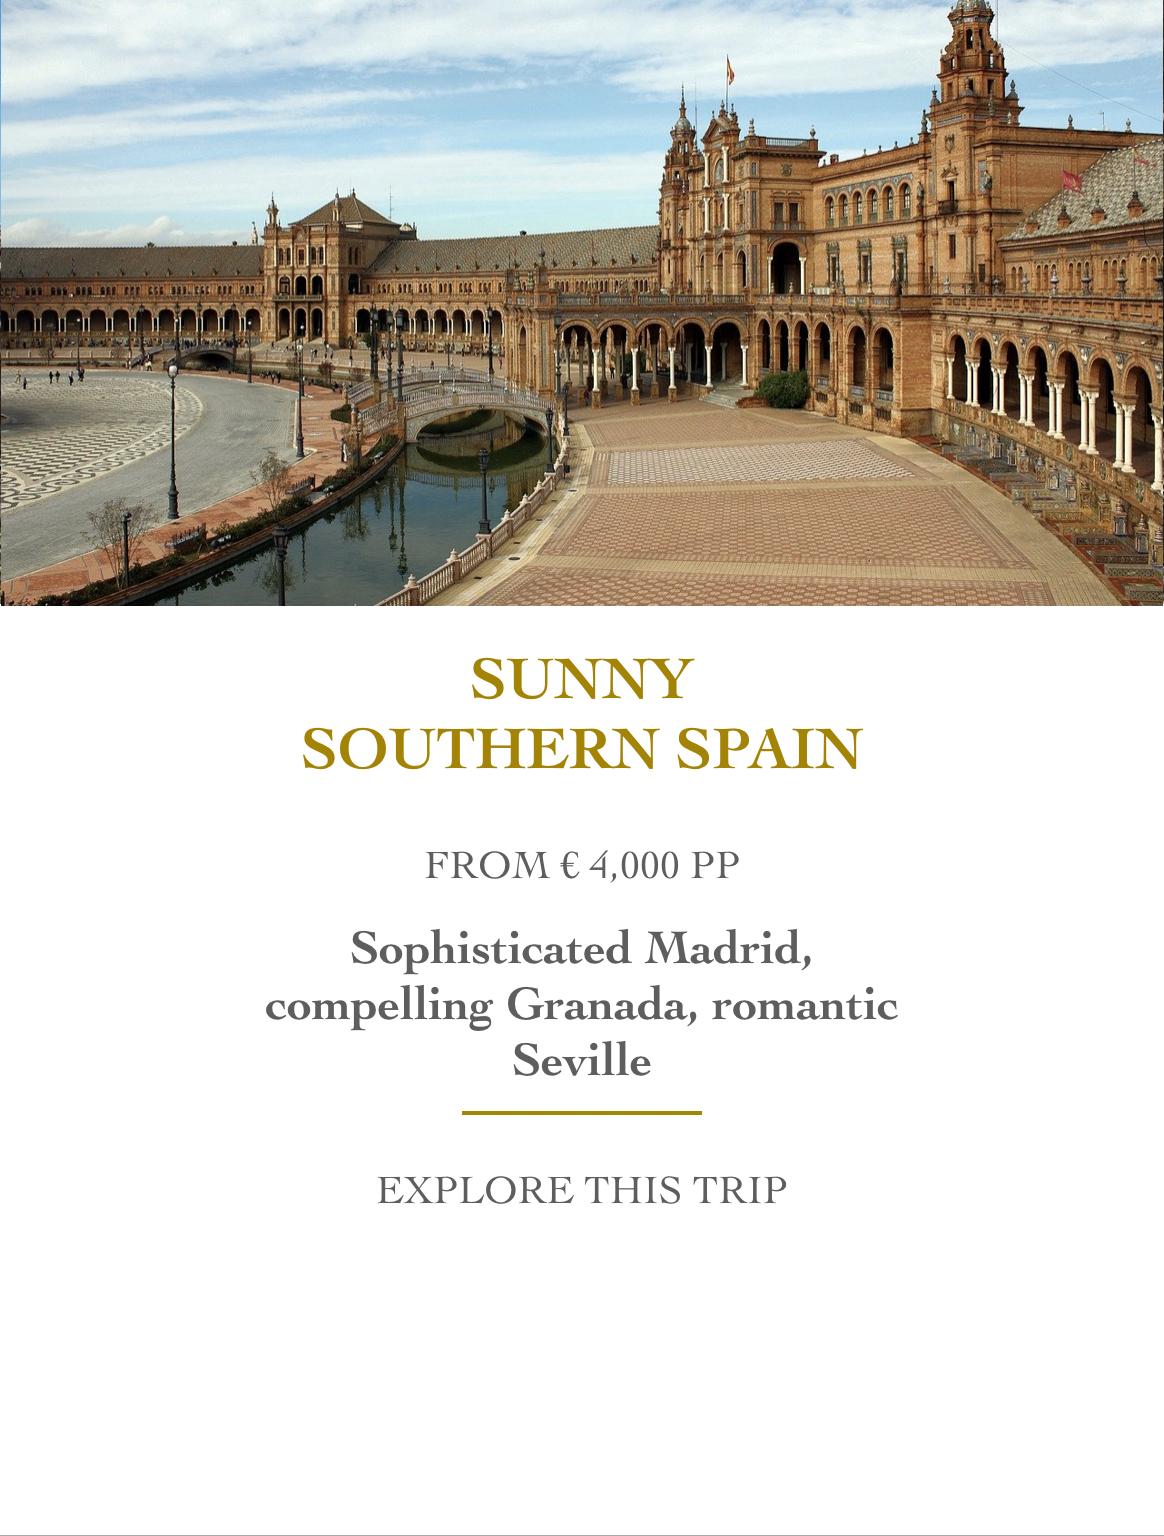 TRAVEL EXPERIENCES SPAIN, LUXURY HOTEL SPAIN, LUXURY TRAVEL SPAIN